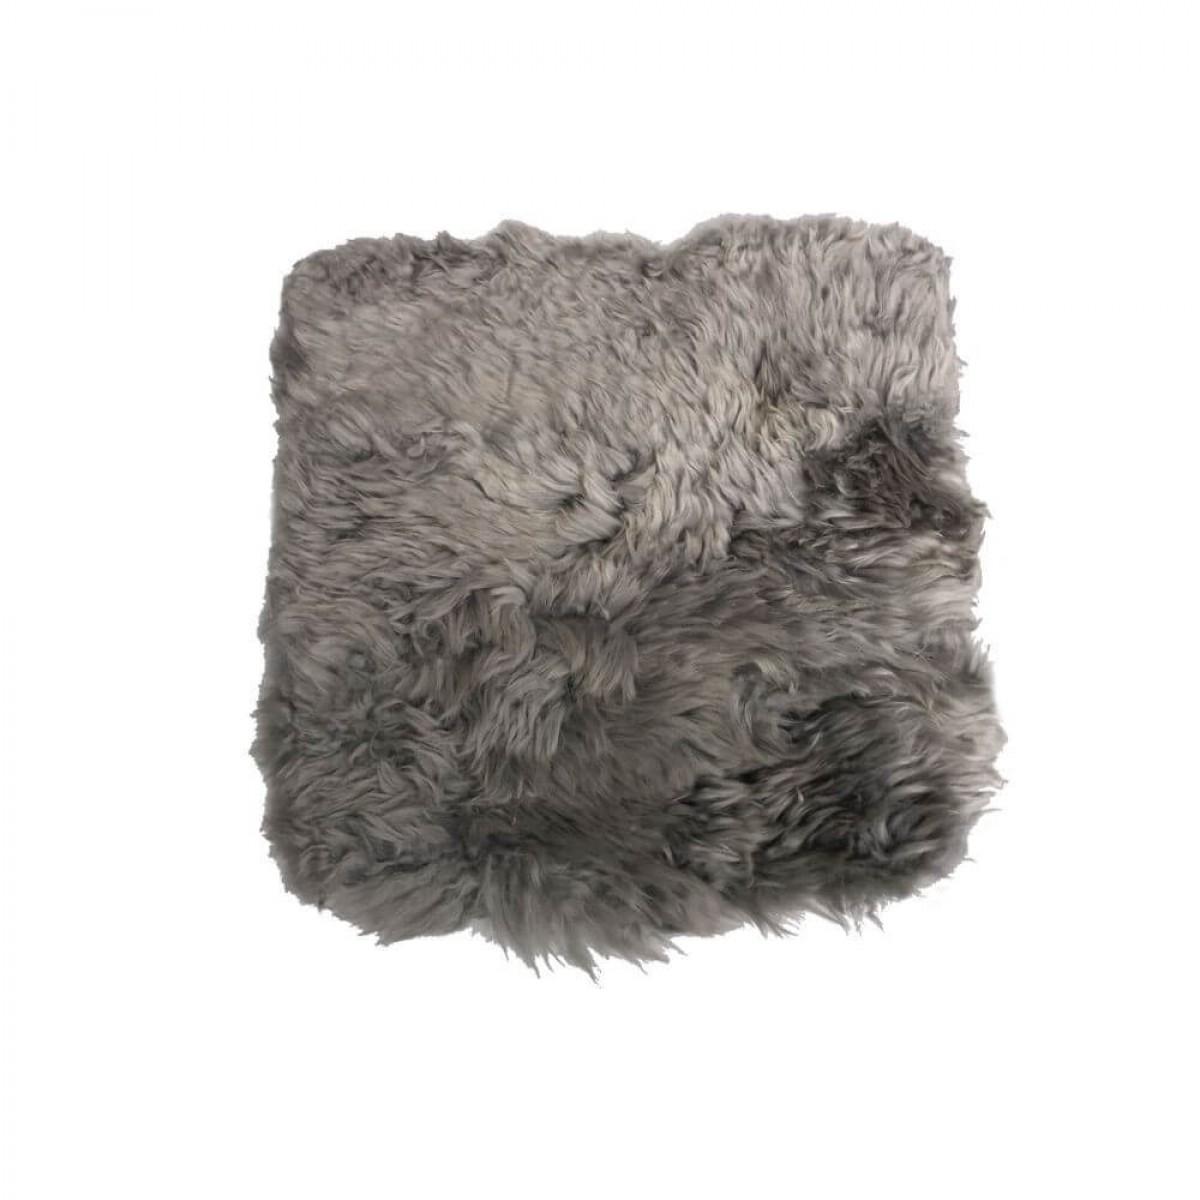 DACORE Sædehynde lammeskind Lysgrå 40 x 40 cm